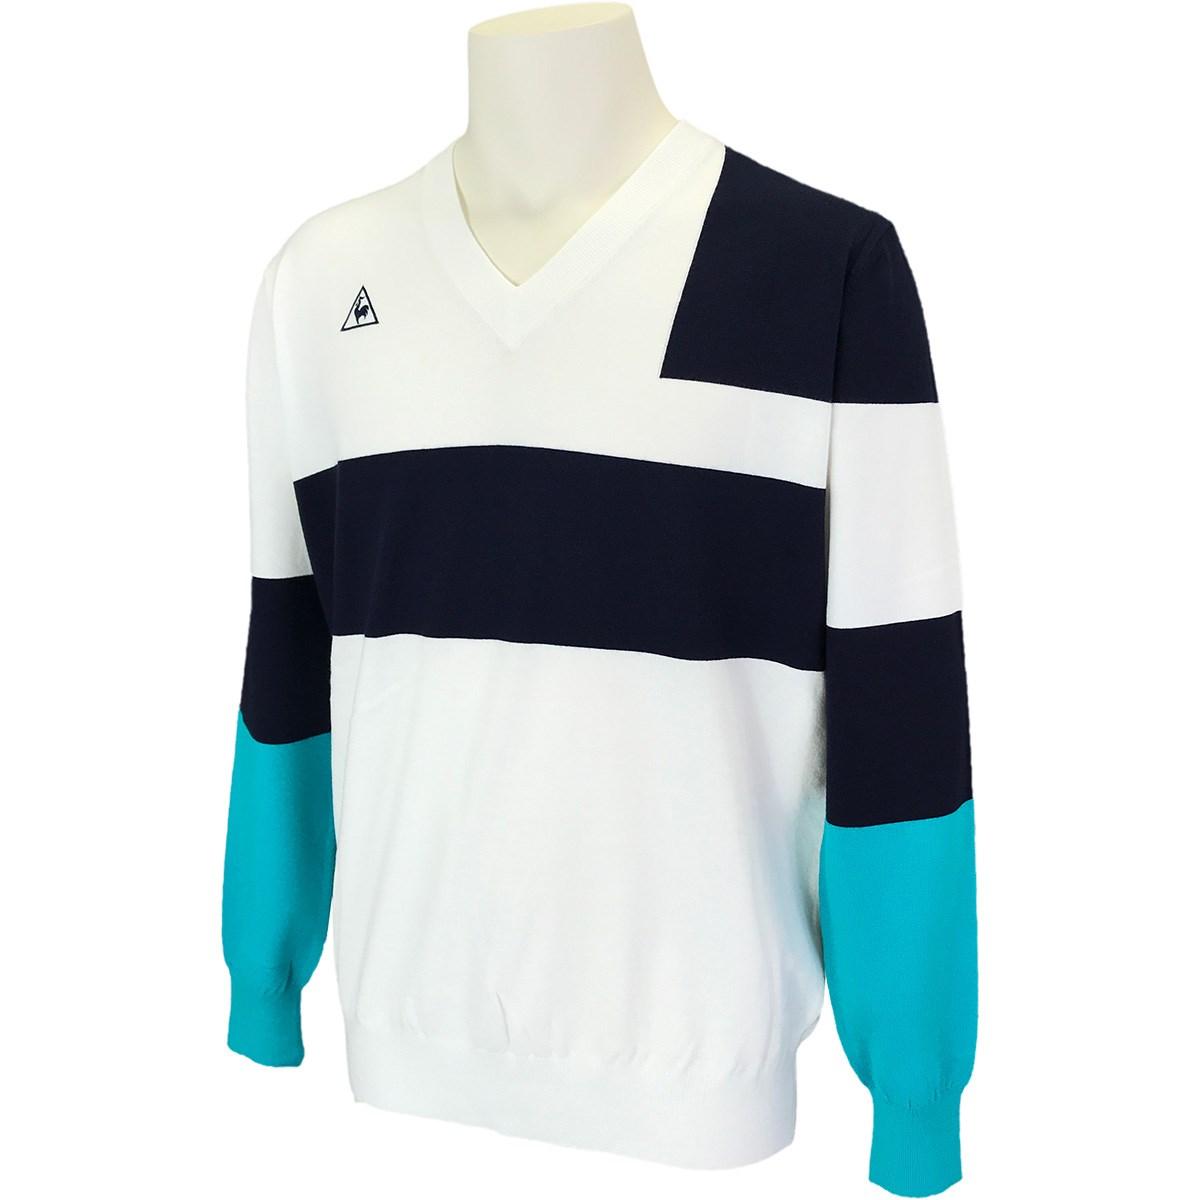 ルコックゴルフ Le coq sportif GOLF Vネックパネルセーター LL ホワイト 00